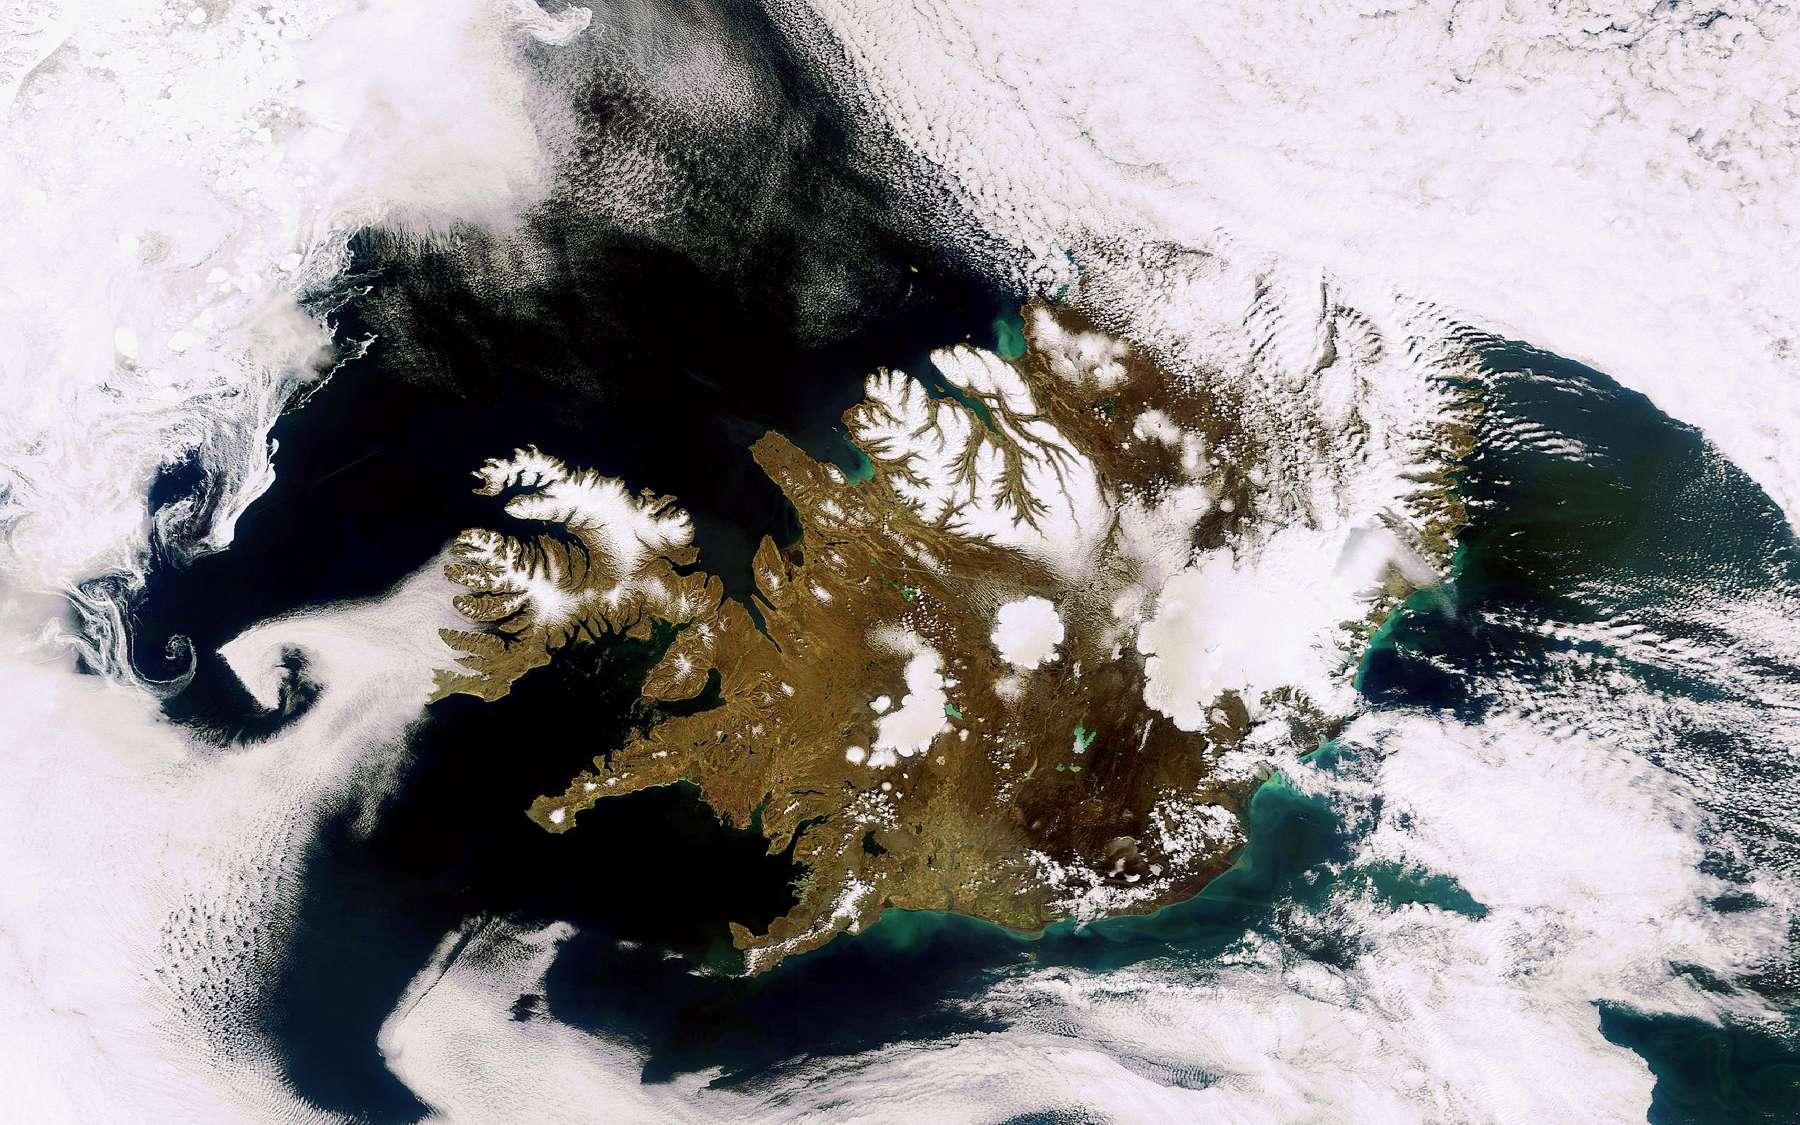 L'imprononçable volcan islandais fait l'objet d'une surveillance satellitaire qui permet de suivre son activité. L'image qui illustre cet article a été prise le 24 mai 2010 par la caméra Meris (Medium Resolution Imaging Spectrometer) d'Envisat avec une résolution de 300 mètres. Elle montre le fameux volcan Eyjafjallajokull qui ne fume plus. Les différentes teintes de vert visibles dans la mer sont dues aux alluvions charriées par les eaux. Crédit Esa